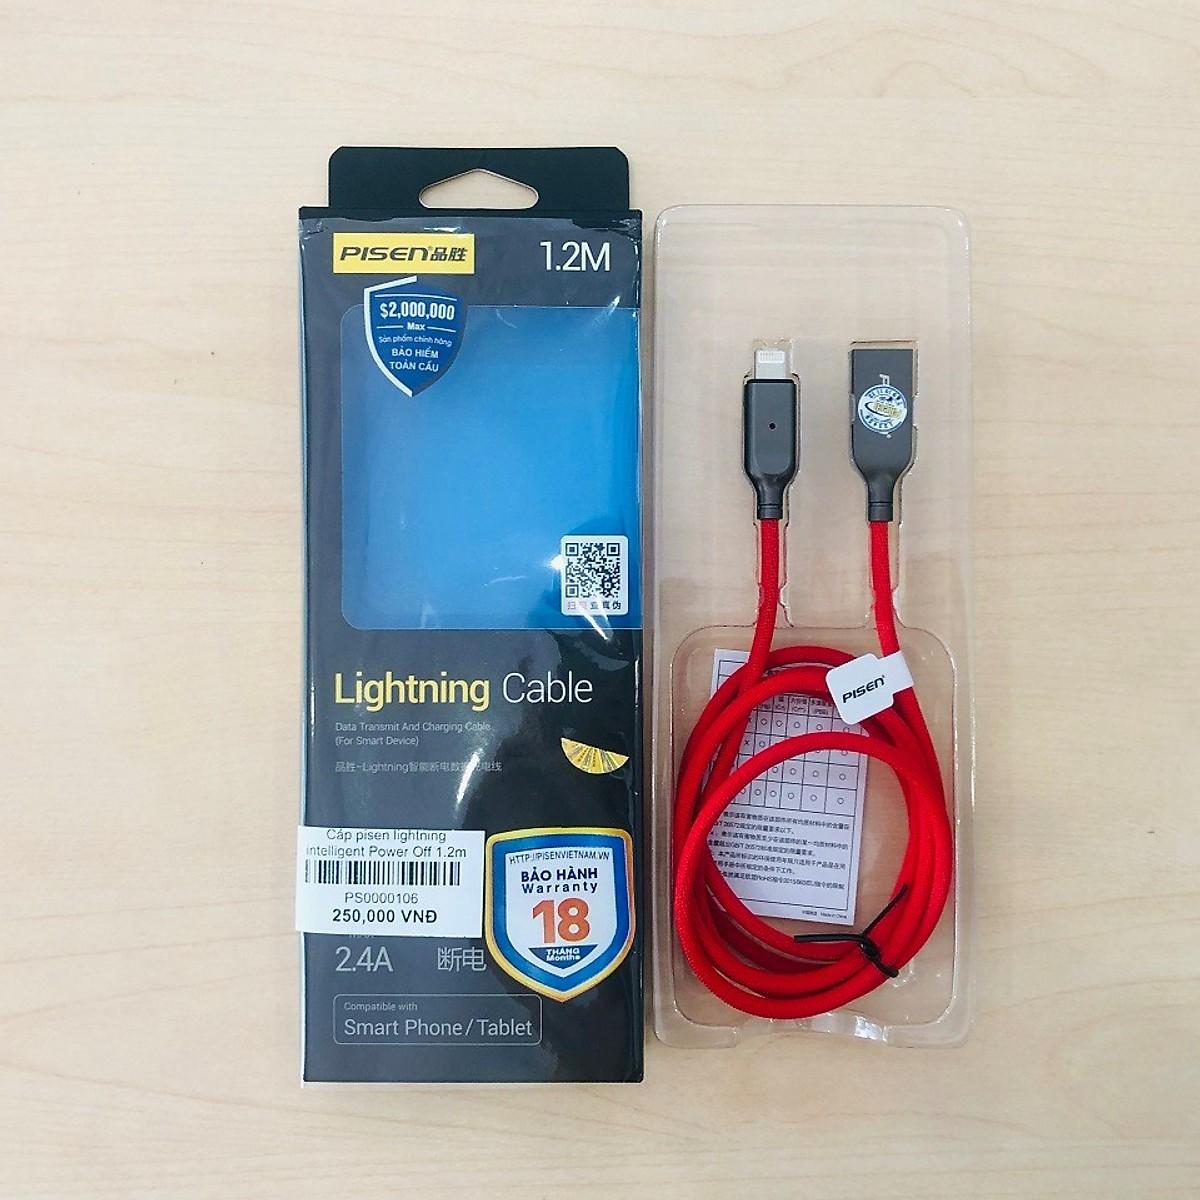 Cáp sạc Iphone/Ipad Tự Ngắt Không sợ Chai Pin Chính Hãng Pisen (2,4A, thông minh, thời trang ) 1,2m